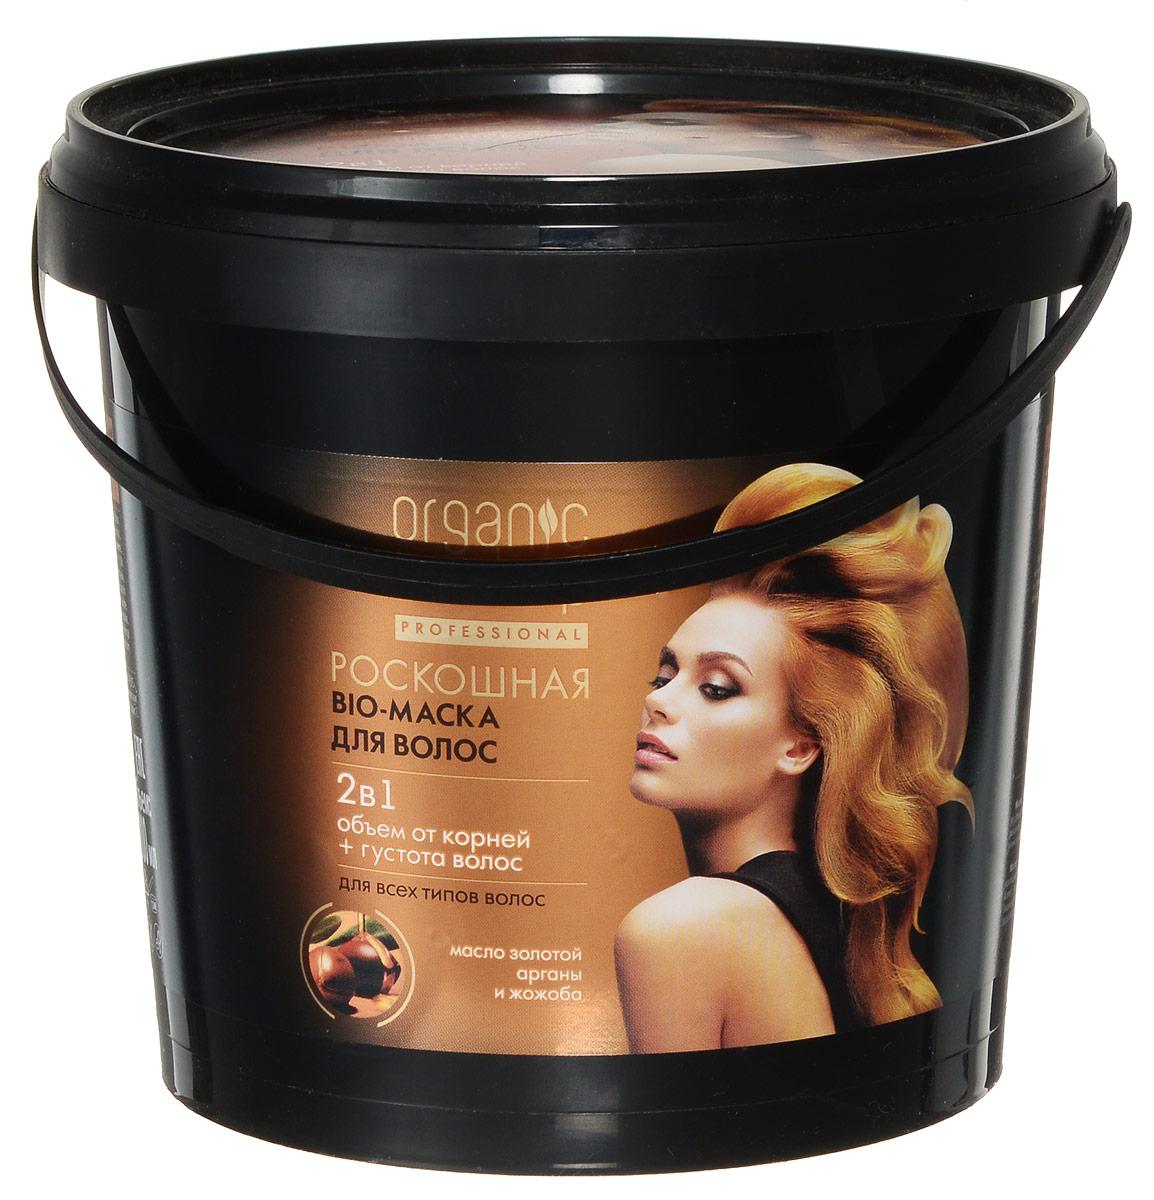 Organic Shop Professional Маска-био роскошная для волос, 1000 мл0861-12-5315Роскошная Bio-маска гарантирует стойкий объем, как после посещения салона красоты, волосы выглядят более густыми и сильными. Профессиональная формула 2 в 1 эффективно восстанавливает толщину волос и уплотняет липидный покров. Входящие в ее состав натуральные компоненты укрепляют внутреннюю структуру волоса и утолщают его, придавая естественный блеск и шикарный объем. Масло золотой арганы глубоко питает и восстанавливает структуру волосяных волокон, делая их гладкими и шелковистыми без эффекта утяжеления. Масло жожоба мгновенно увлажняет и приподнимает волосы у корней, делает локоны более пышными, упругими и эластичными. Защищает от внешних факторов, сохраняя здоровье и красоту волос